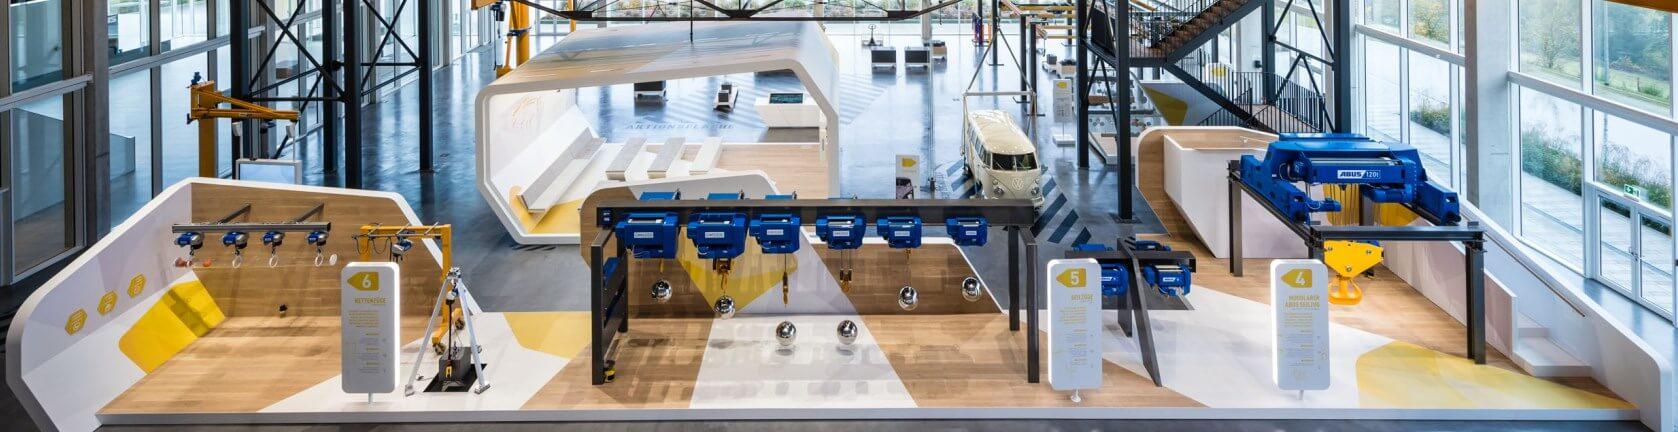 Leistungen-von-ixpo-Messebau-Markenwelten-virtuelle-Welten-Design-Construction